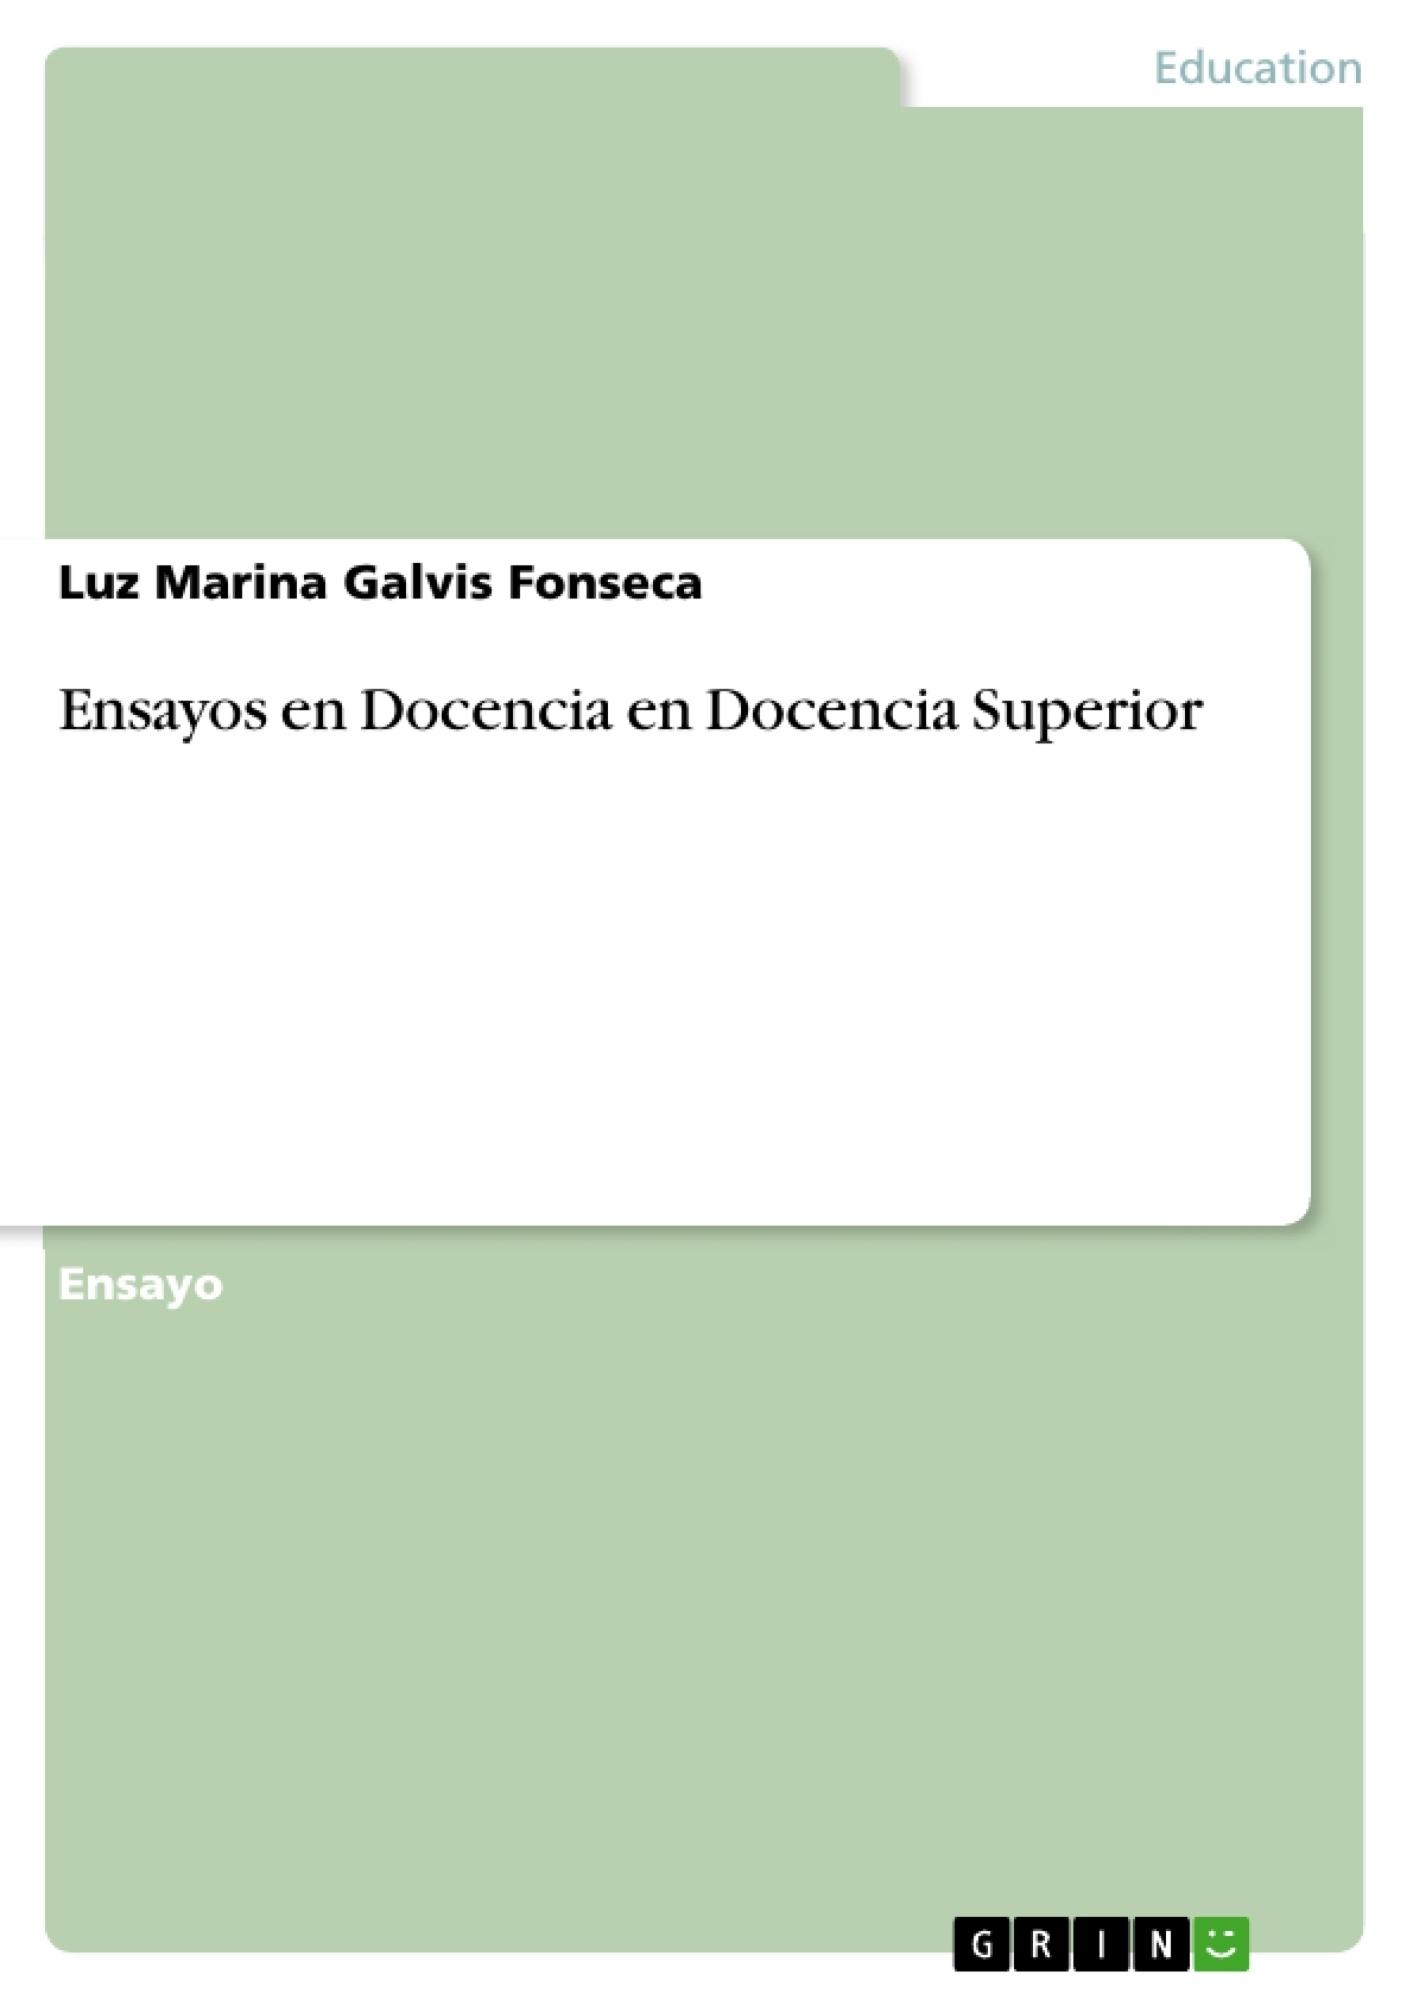 Título: Ensayos en Docencia en Docencia Superior